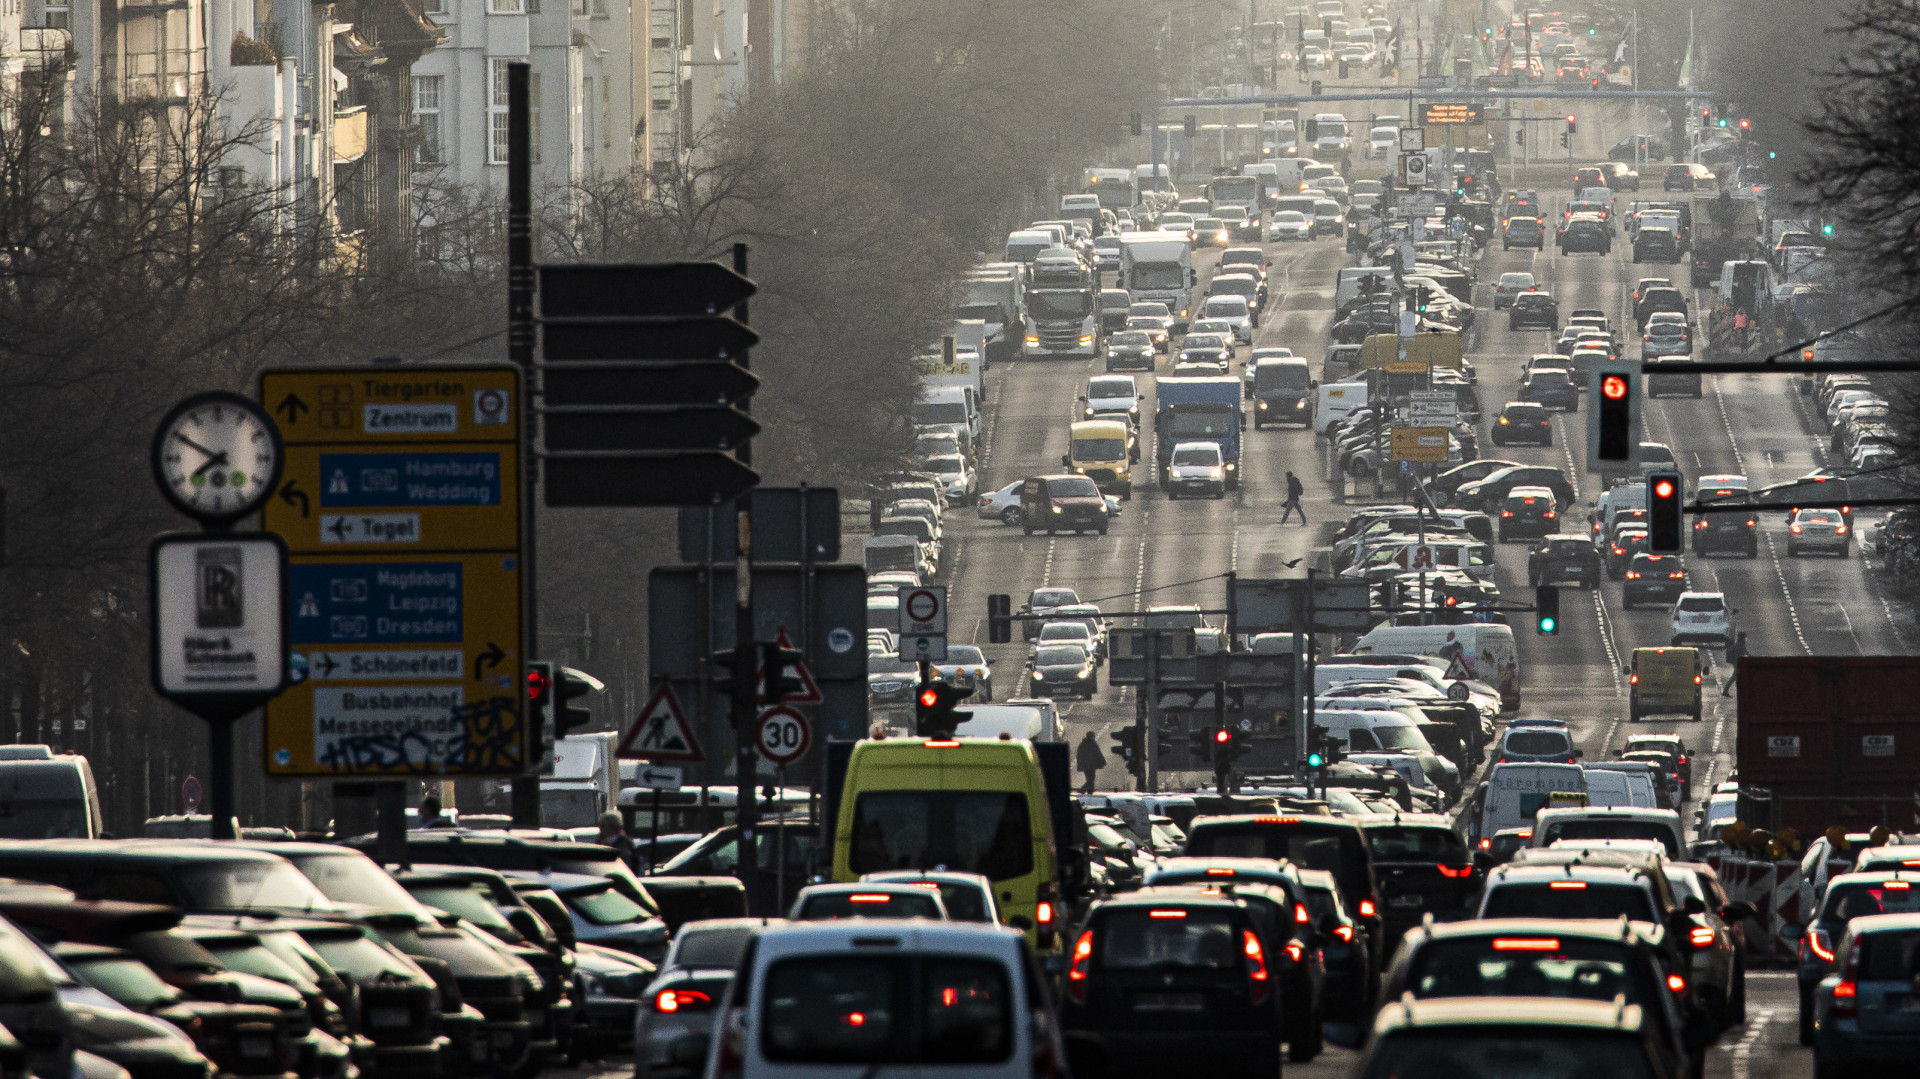 Választ Európa legerősebb autógyártó nagyhatalma: a benzines és dízel autók betiltása és 120 km/h-s sebességkorlátozás is jöhet